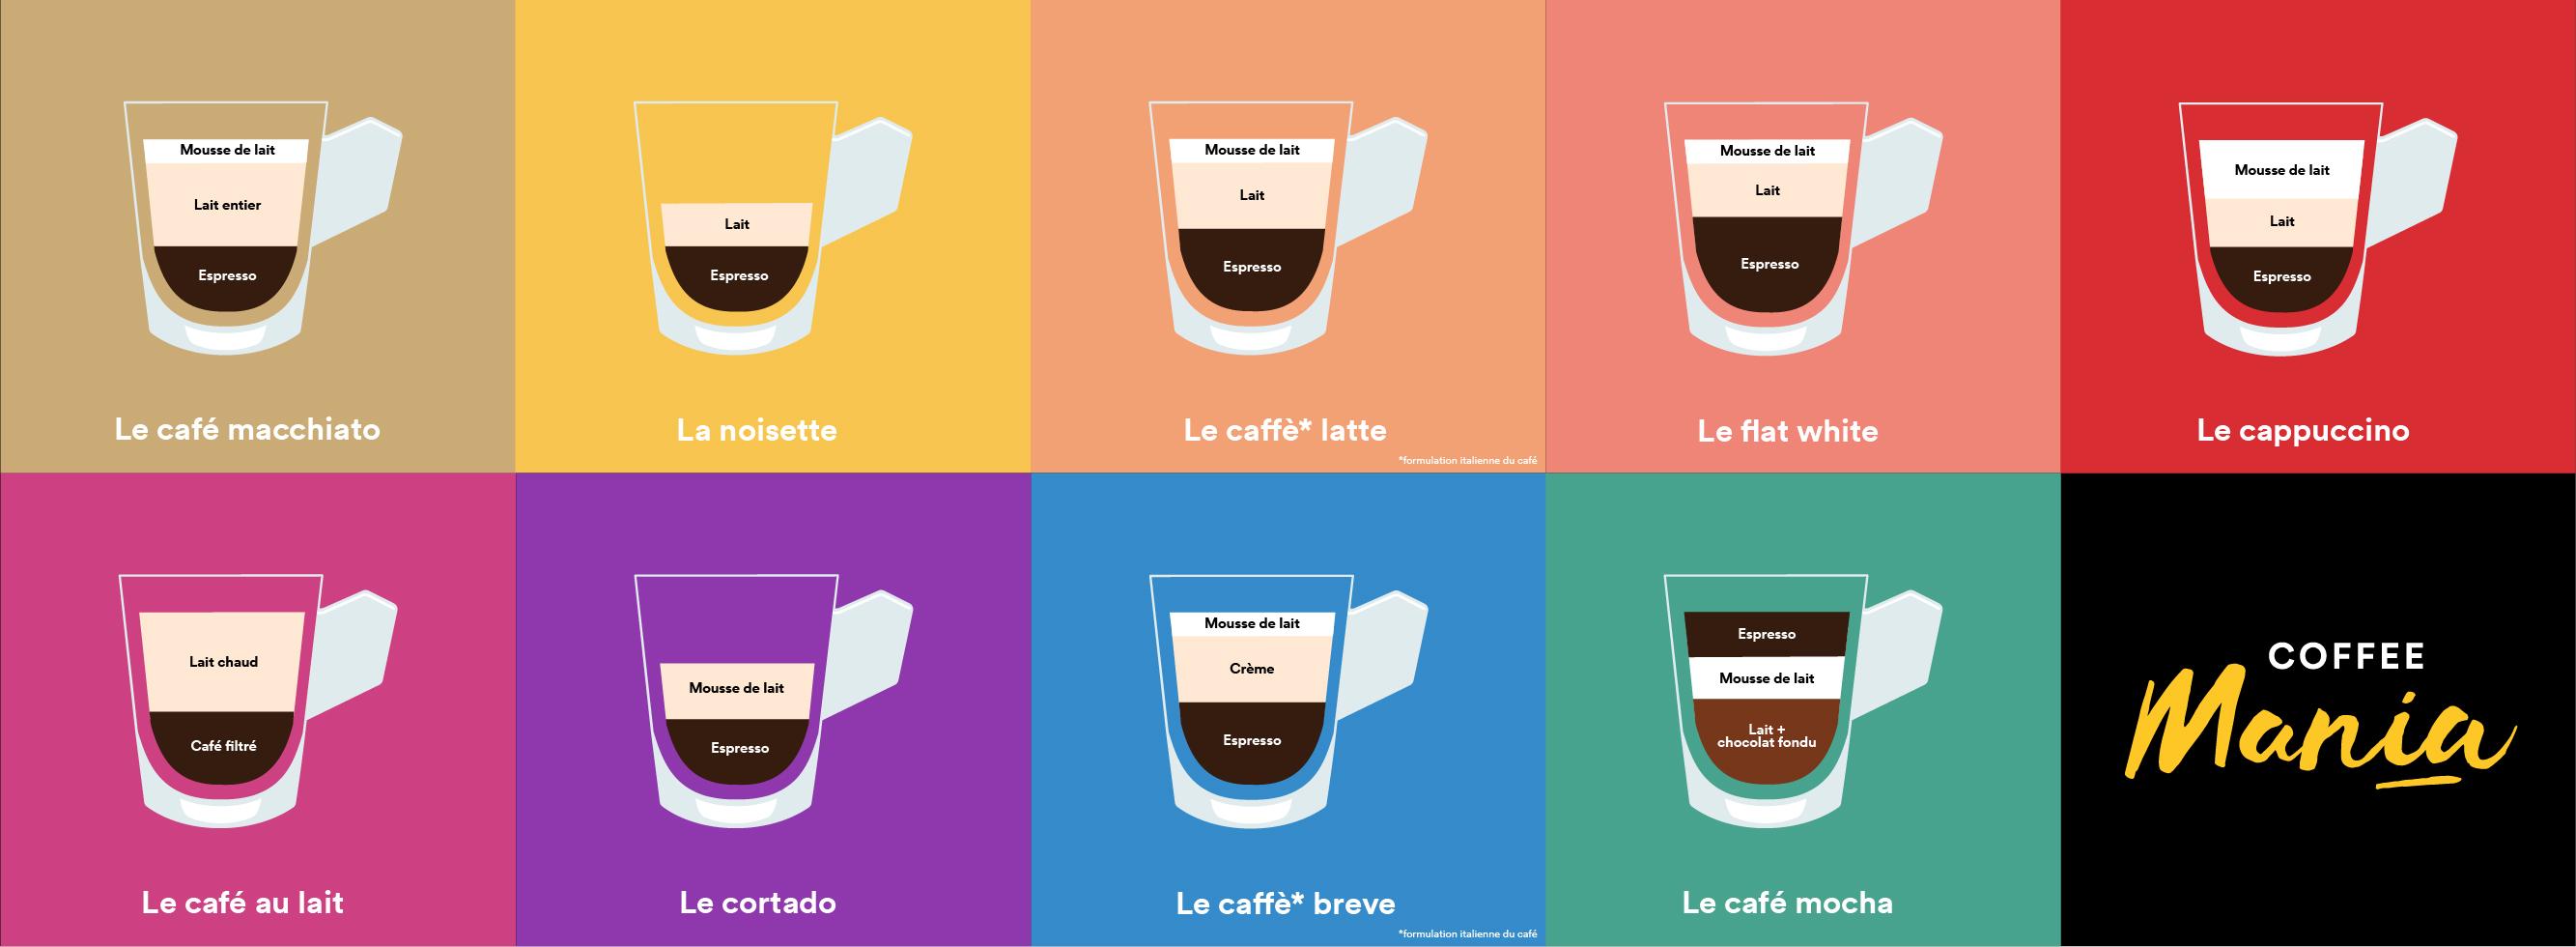 Café Noisette C Est Quoi macchiato, cappuccino, café au lait, latte, flat white